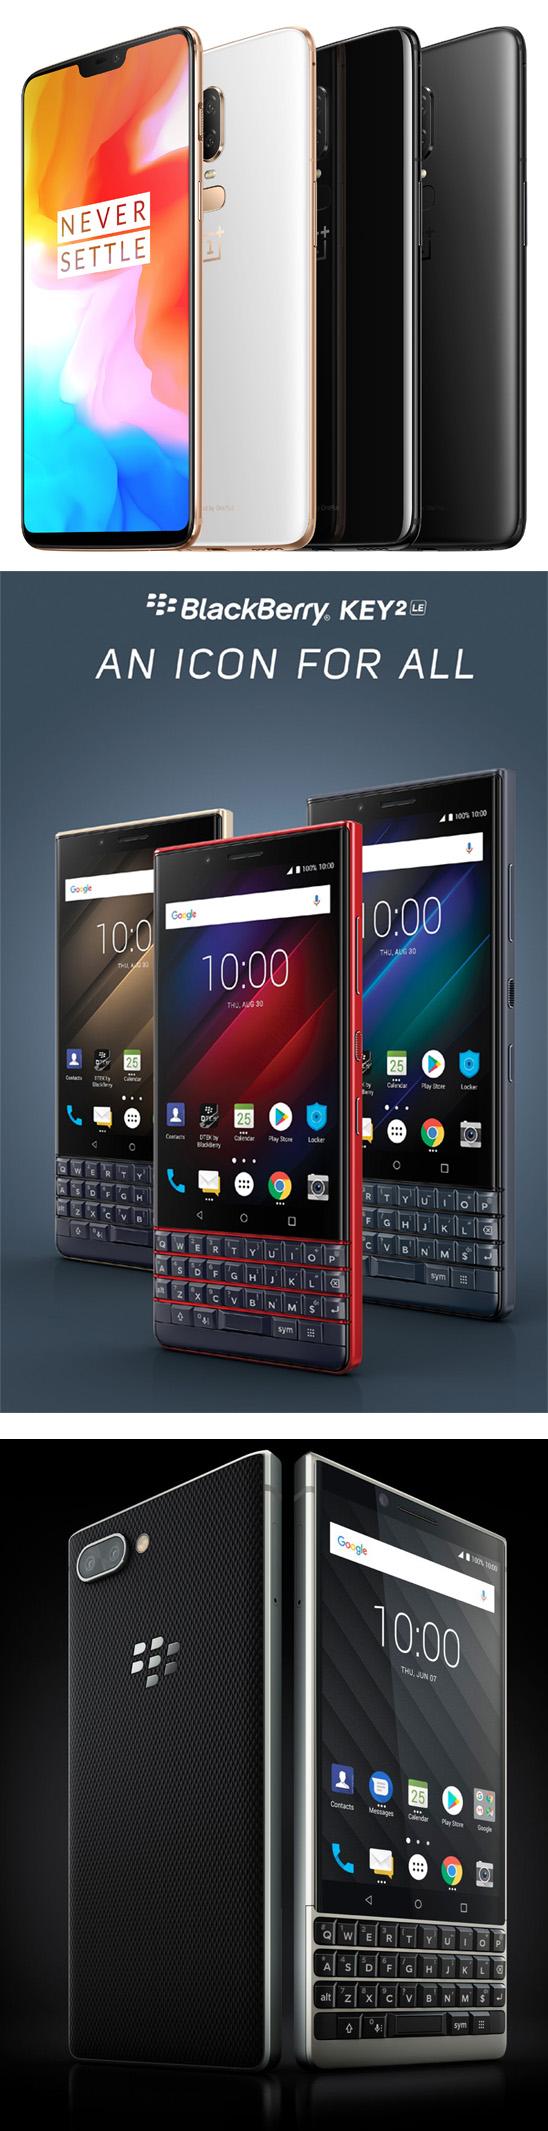 Le OnePlus 6 et les Blackberry KEY2 primés aux iF Design Awards